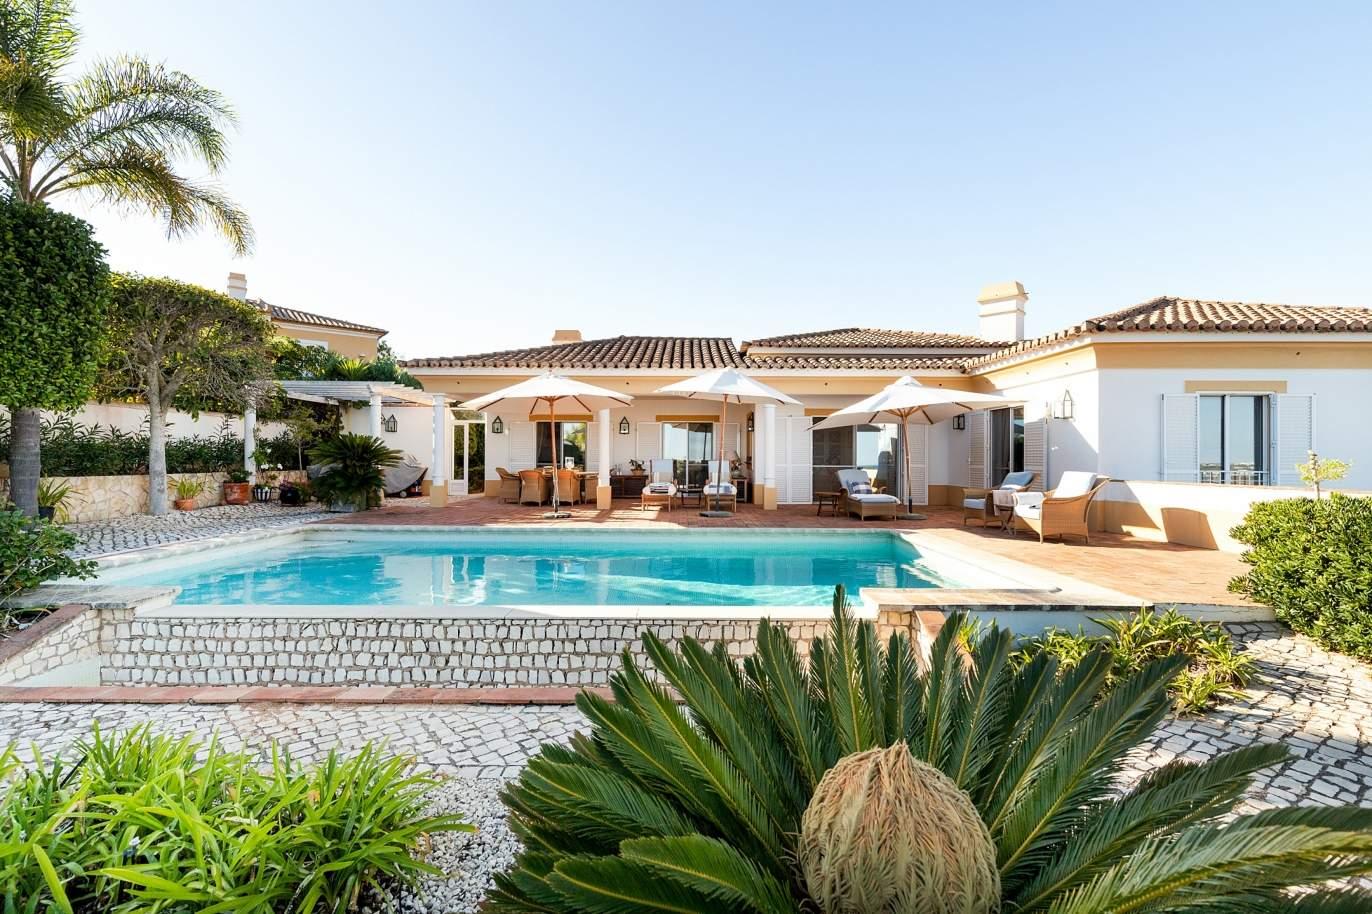 4-bedroom-villa-with-sea-and-mountain-views-lagos-algarve